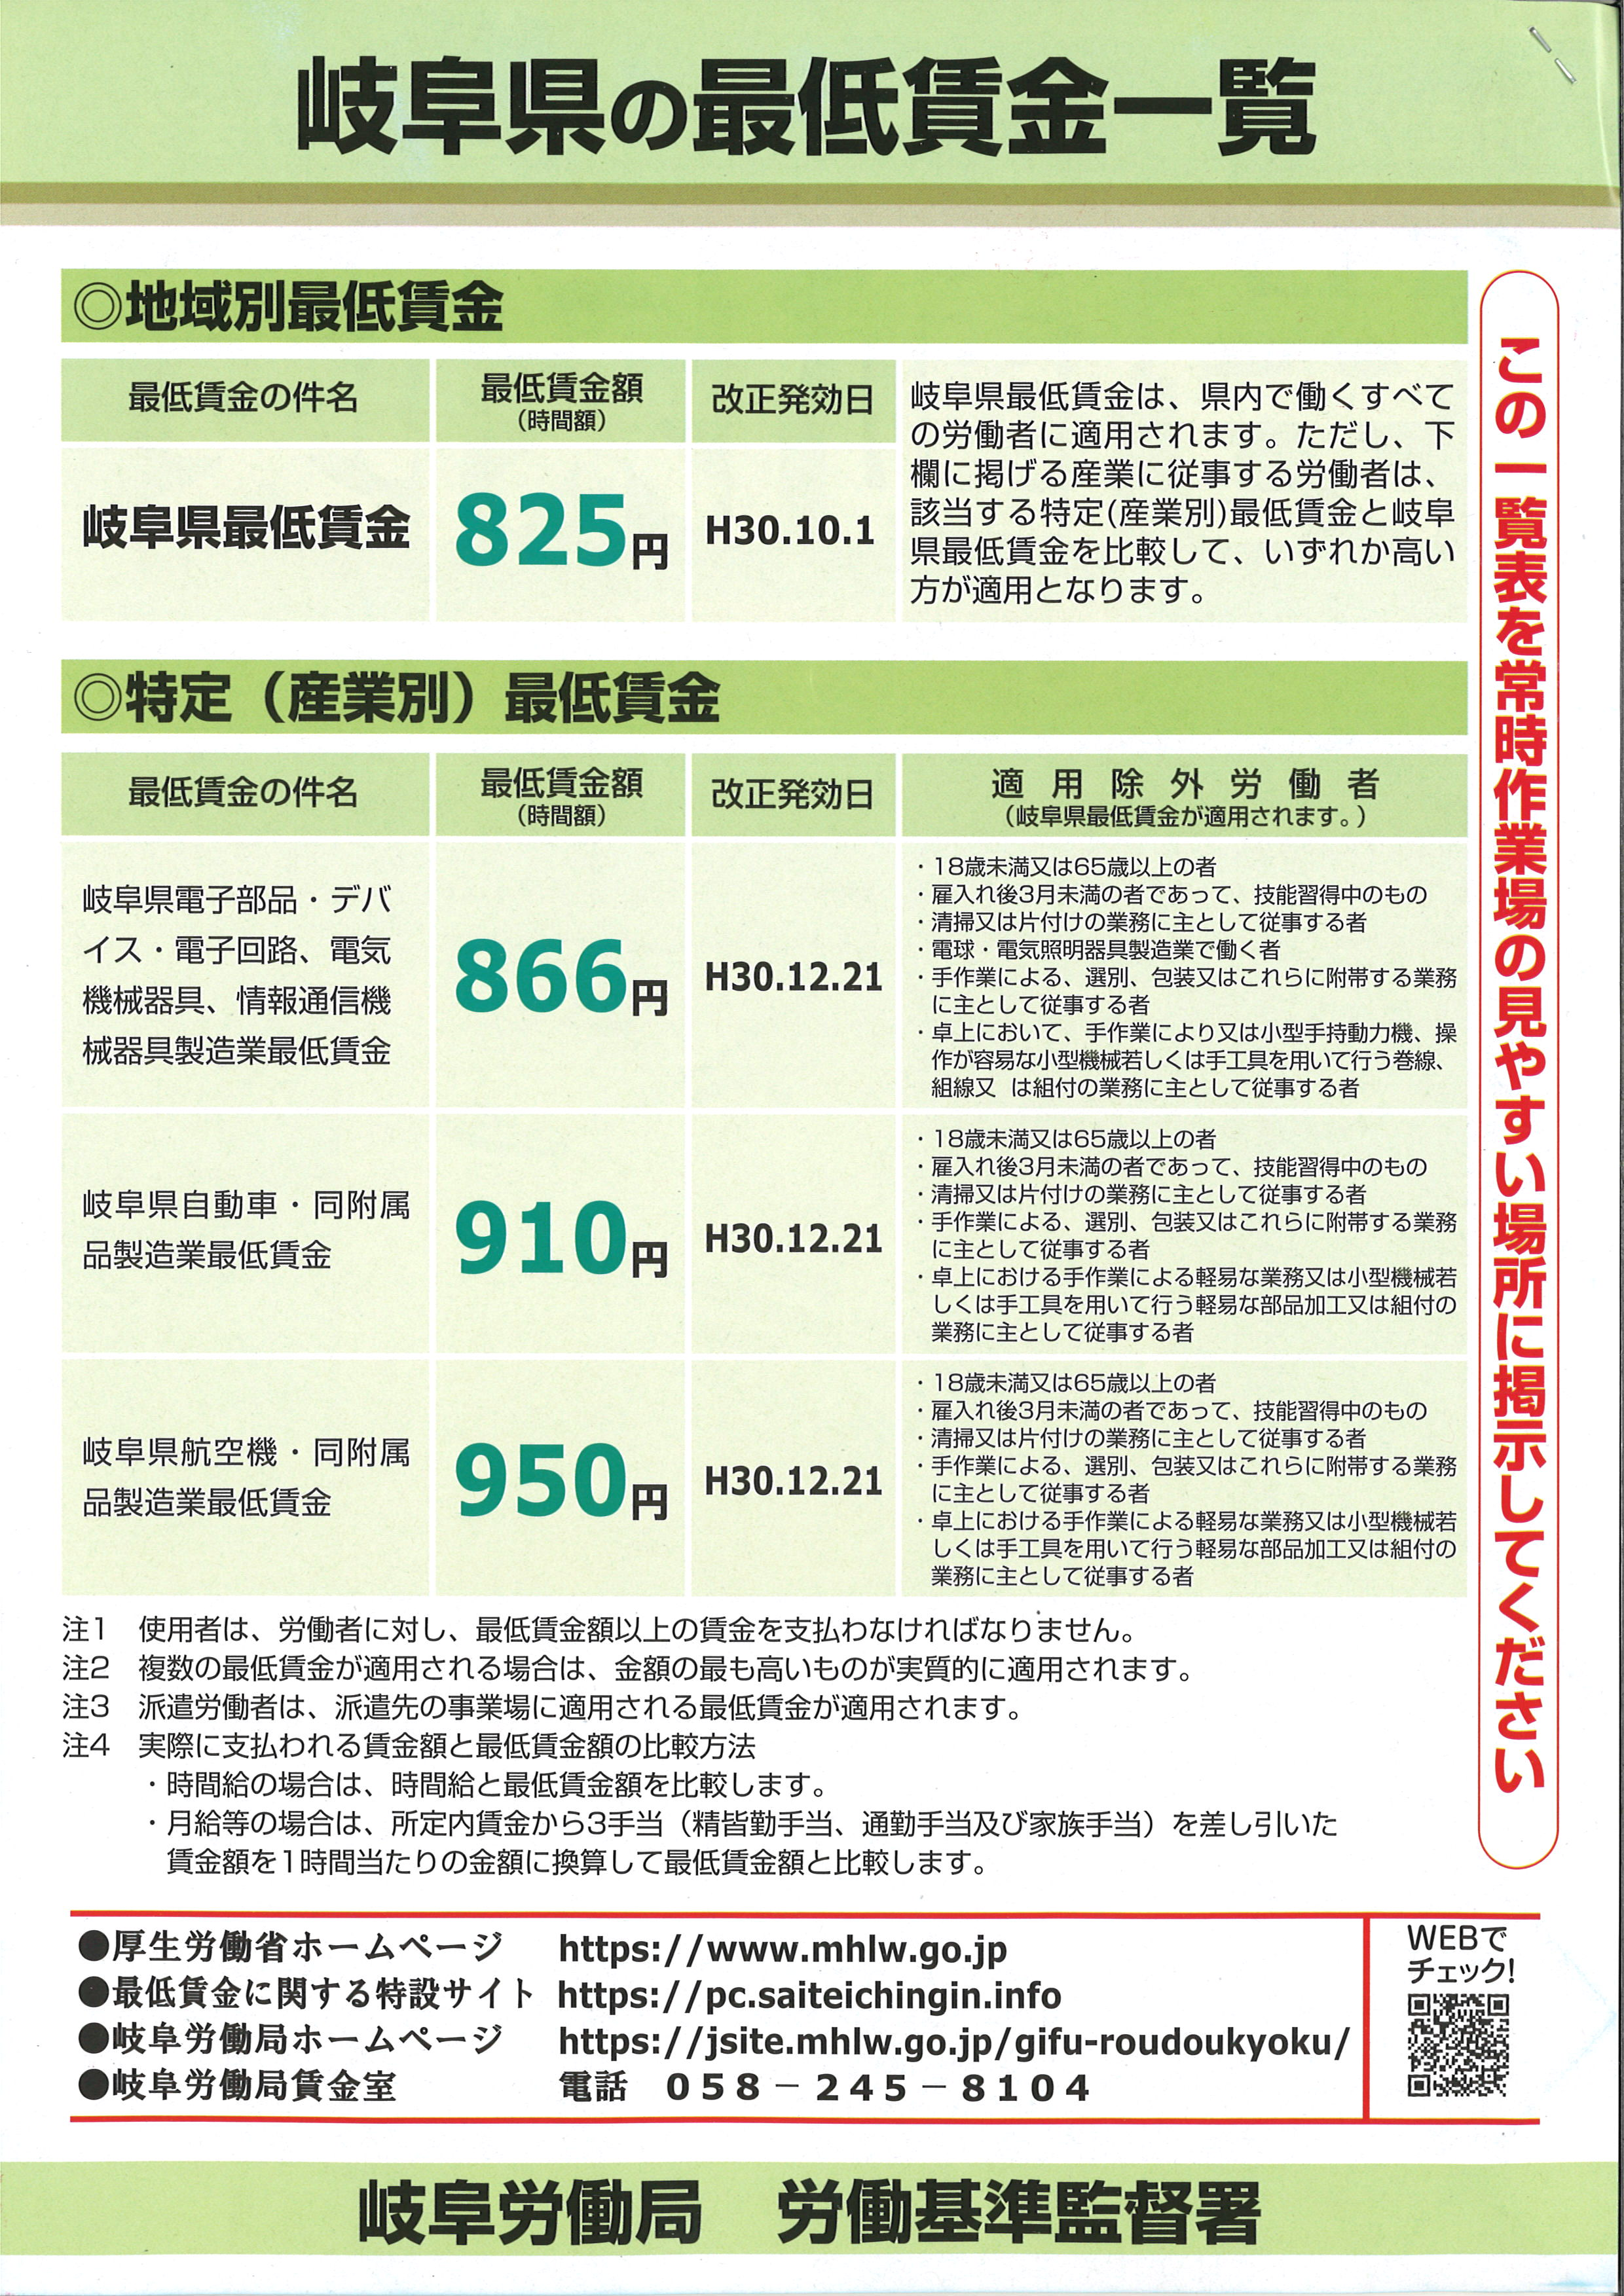 岐阜県の最低賃金一覧